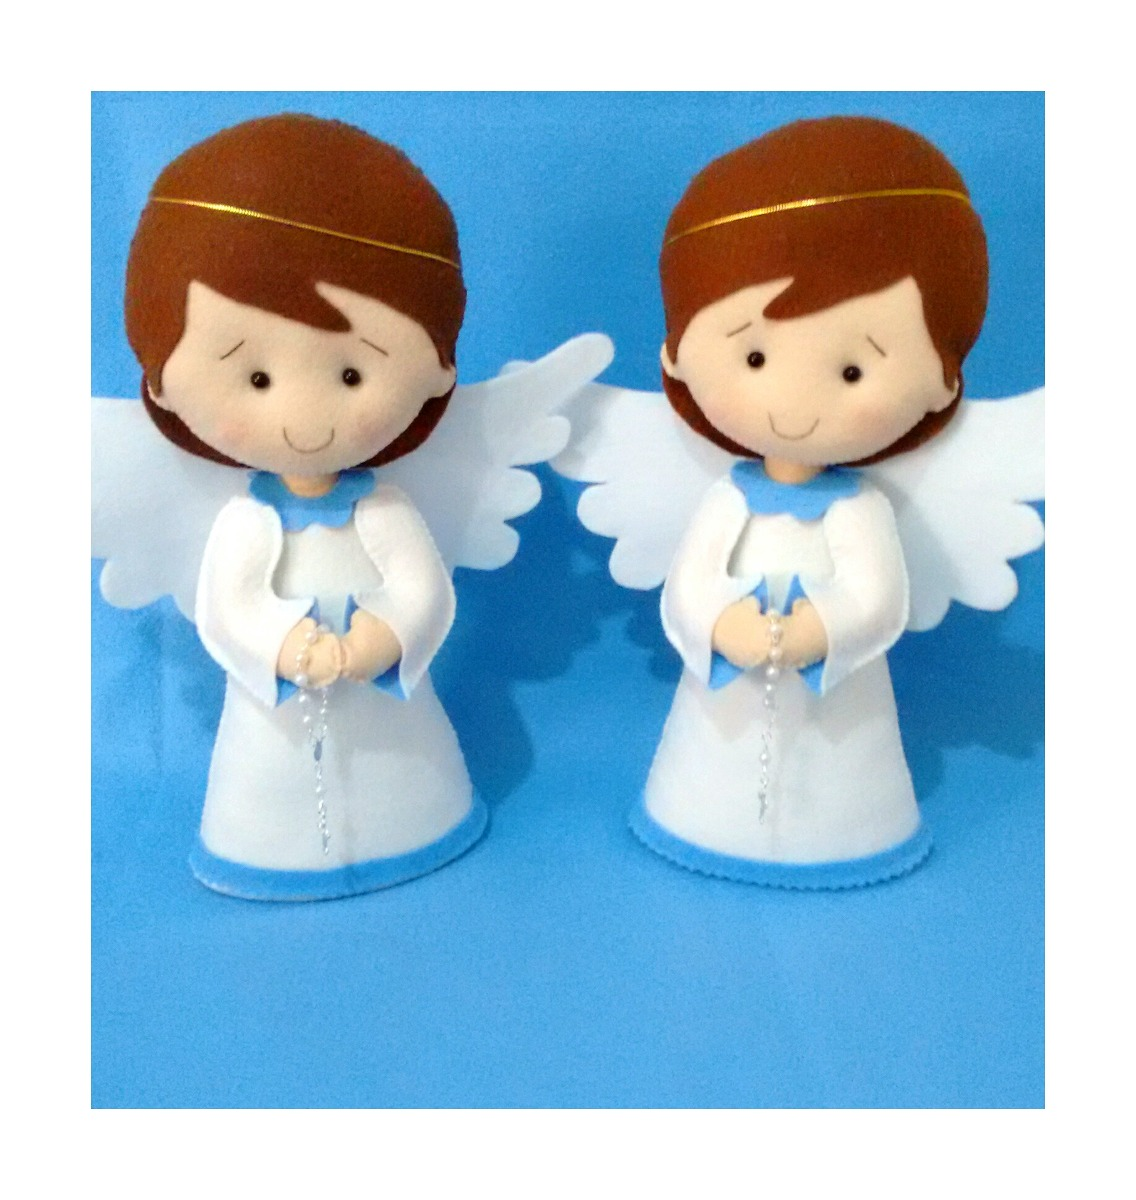 cb6047deb98 kit anjos batizado decoração festa feltro 30cm 2 un. Carregando zoom.